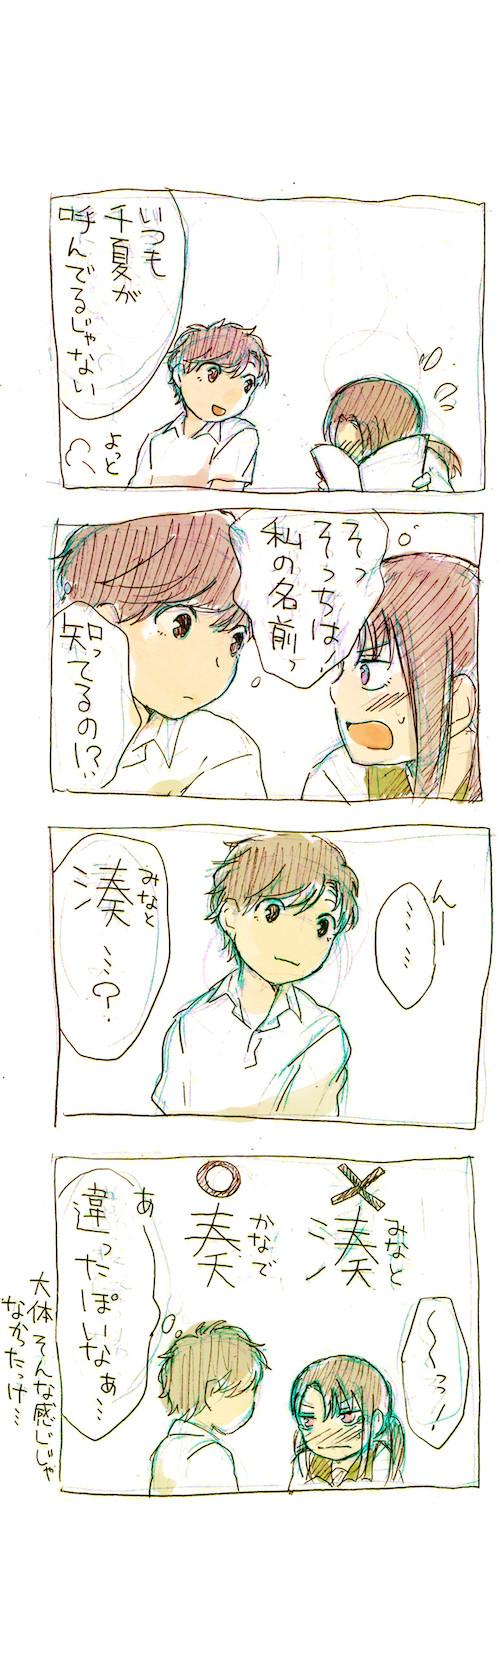 番外編_004